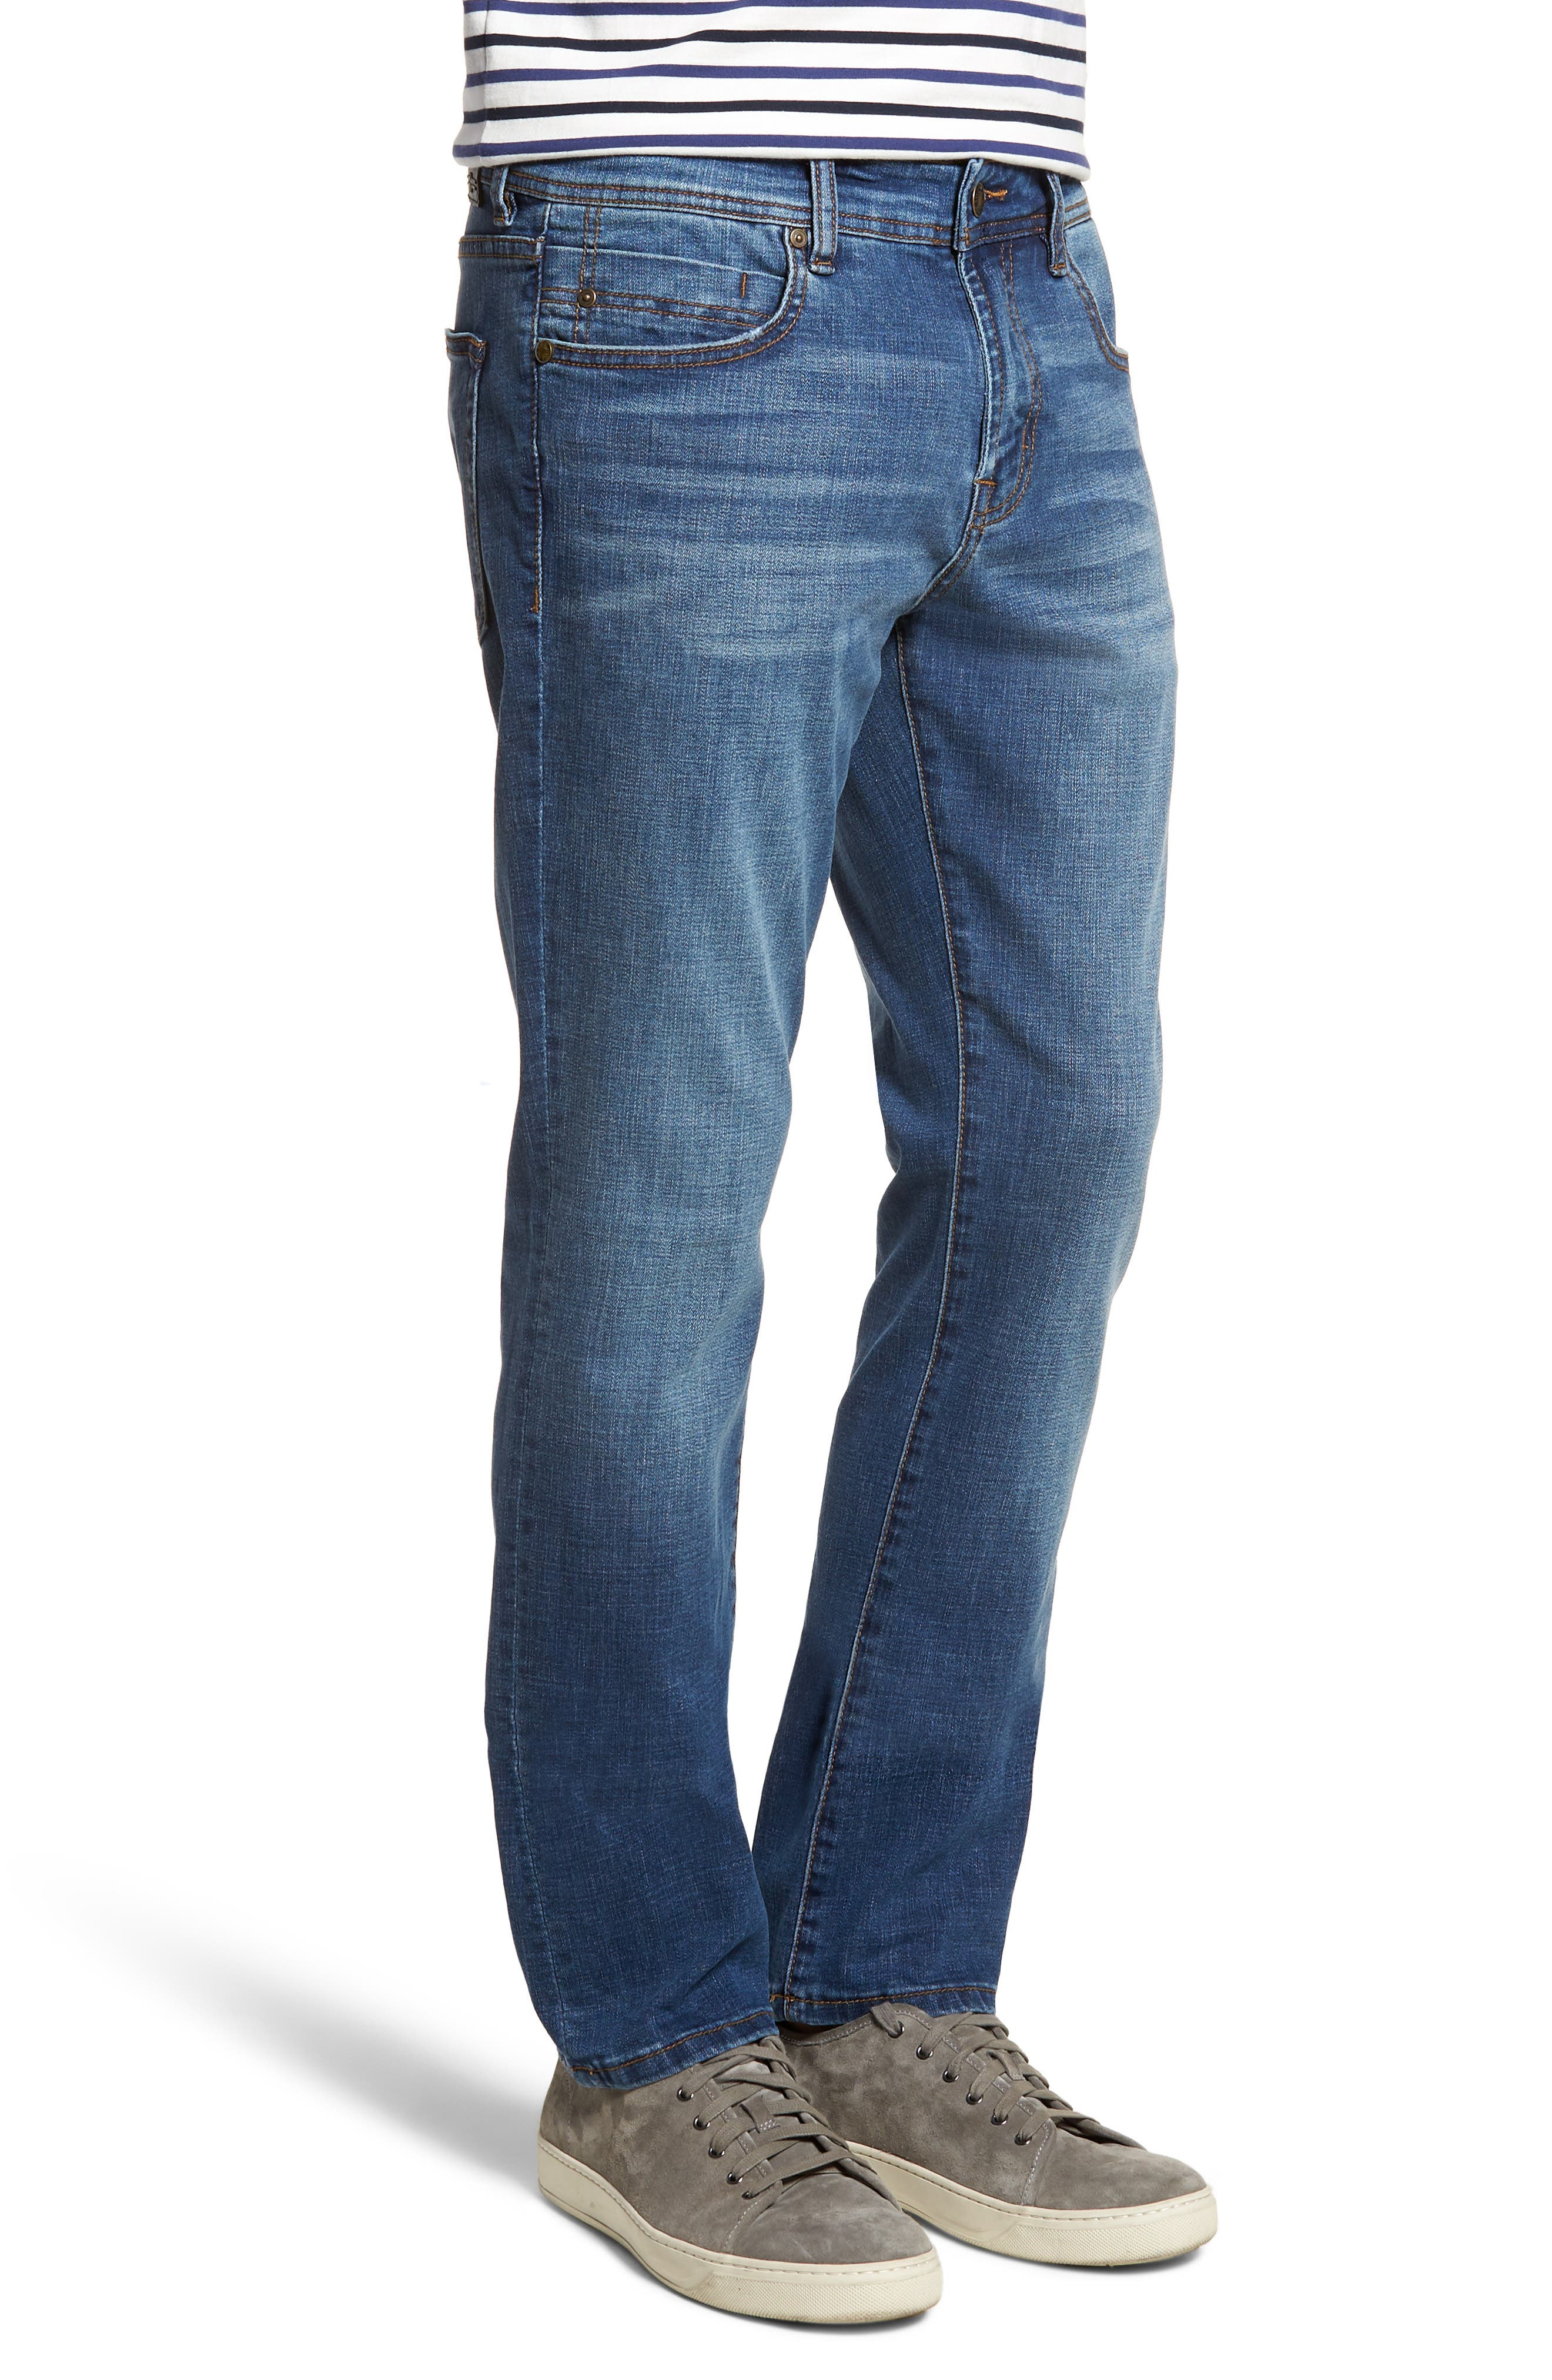 Jeans Co. Kingston Slim Straight Leg Jeans,                             Alternate thumbnail 3, color,                             HIGHLANDER MID